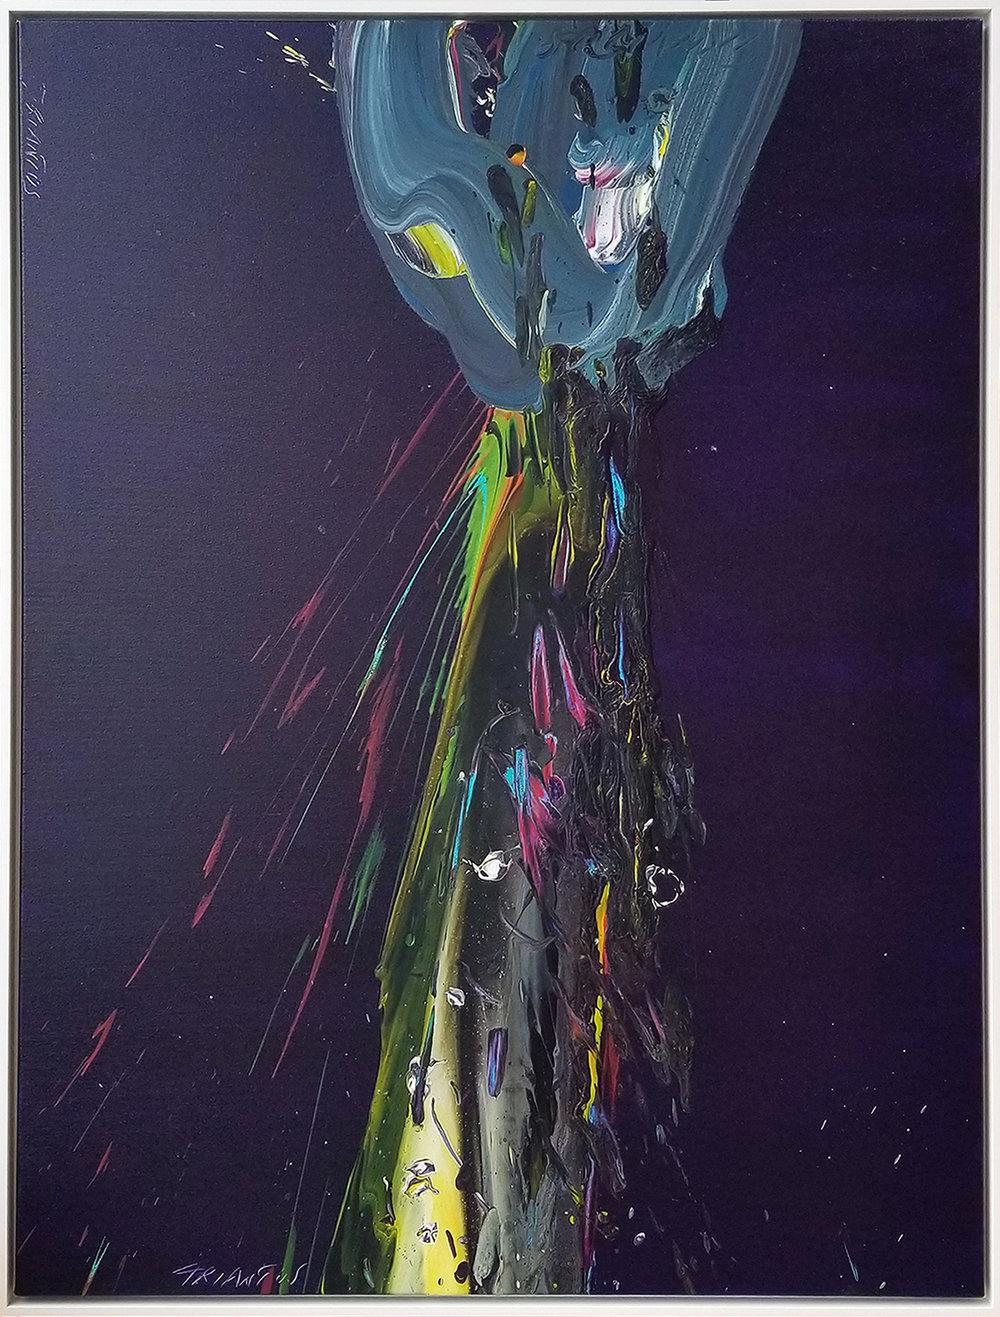 """SP² #115, 2018, acrylic on canvas, 48""""x36"""" (122 x 91.4 cm)"""